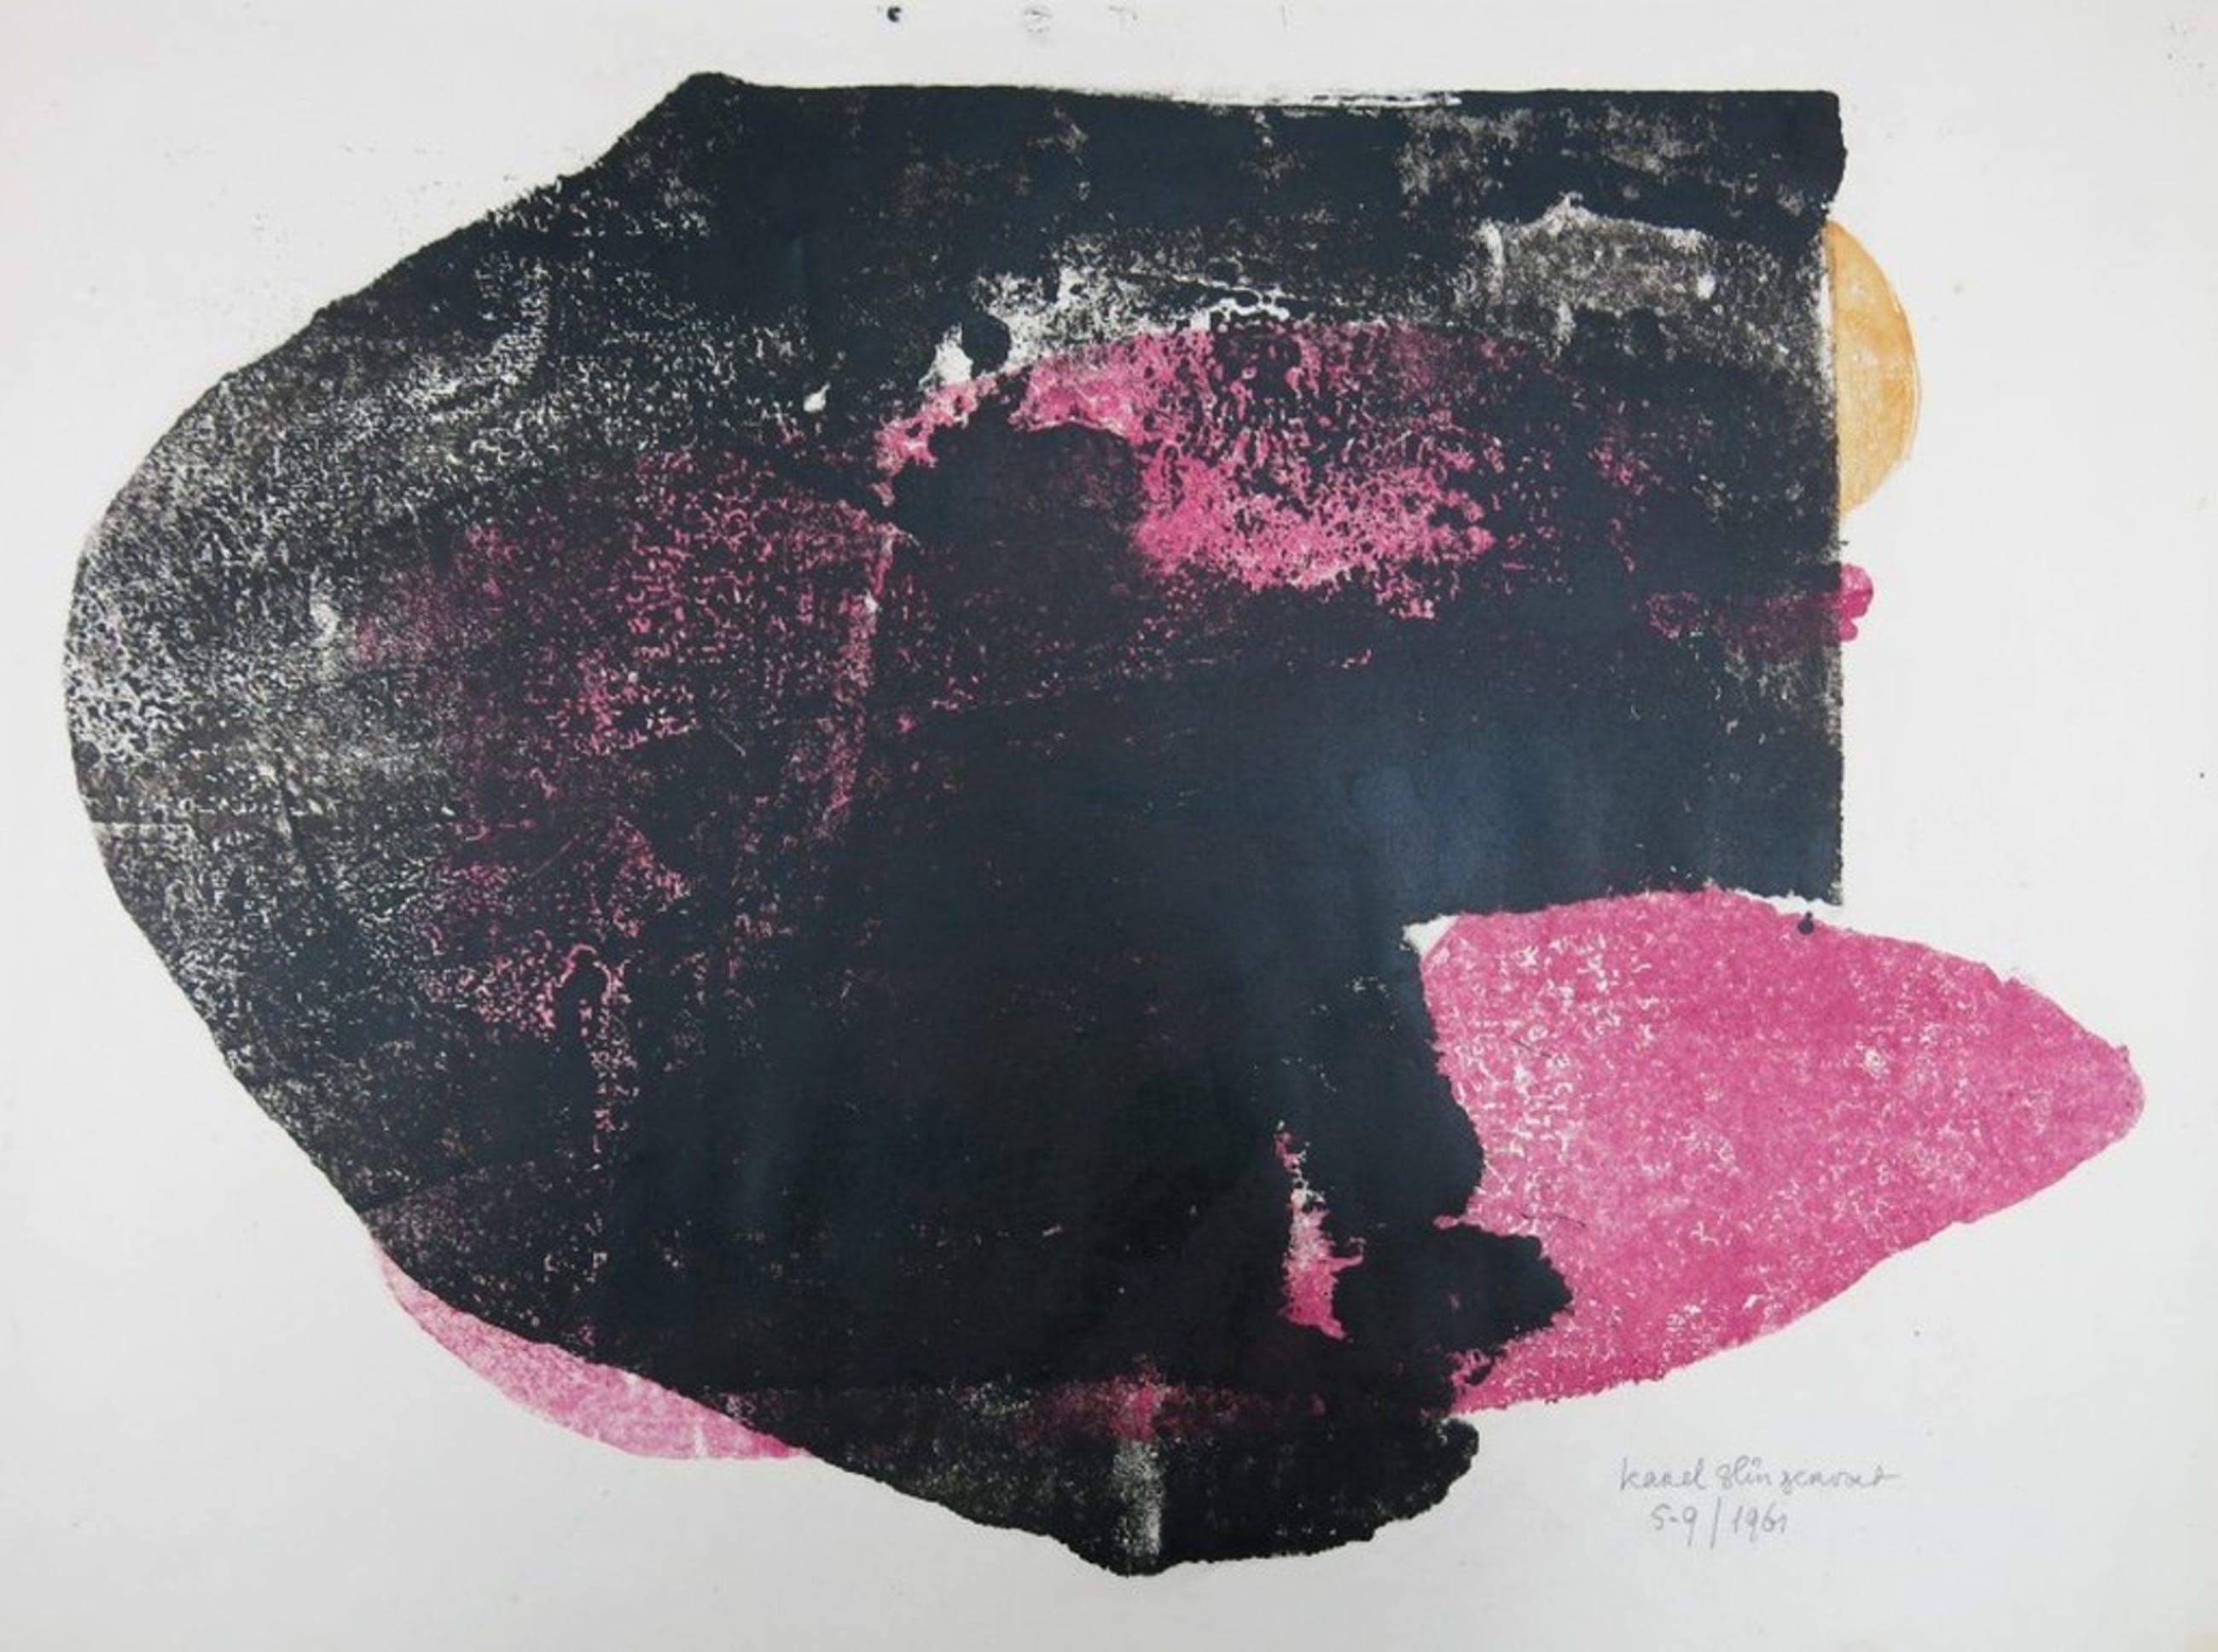 Karel Slingervoet: Monotype, Zwart/Roze kopen? Bied vanaf 1!